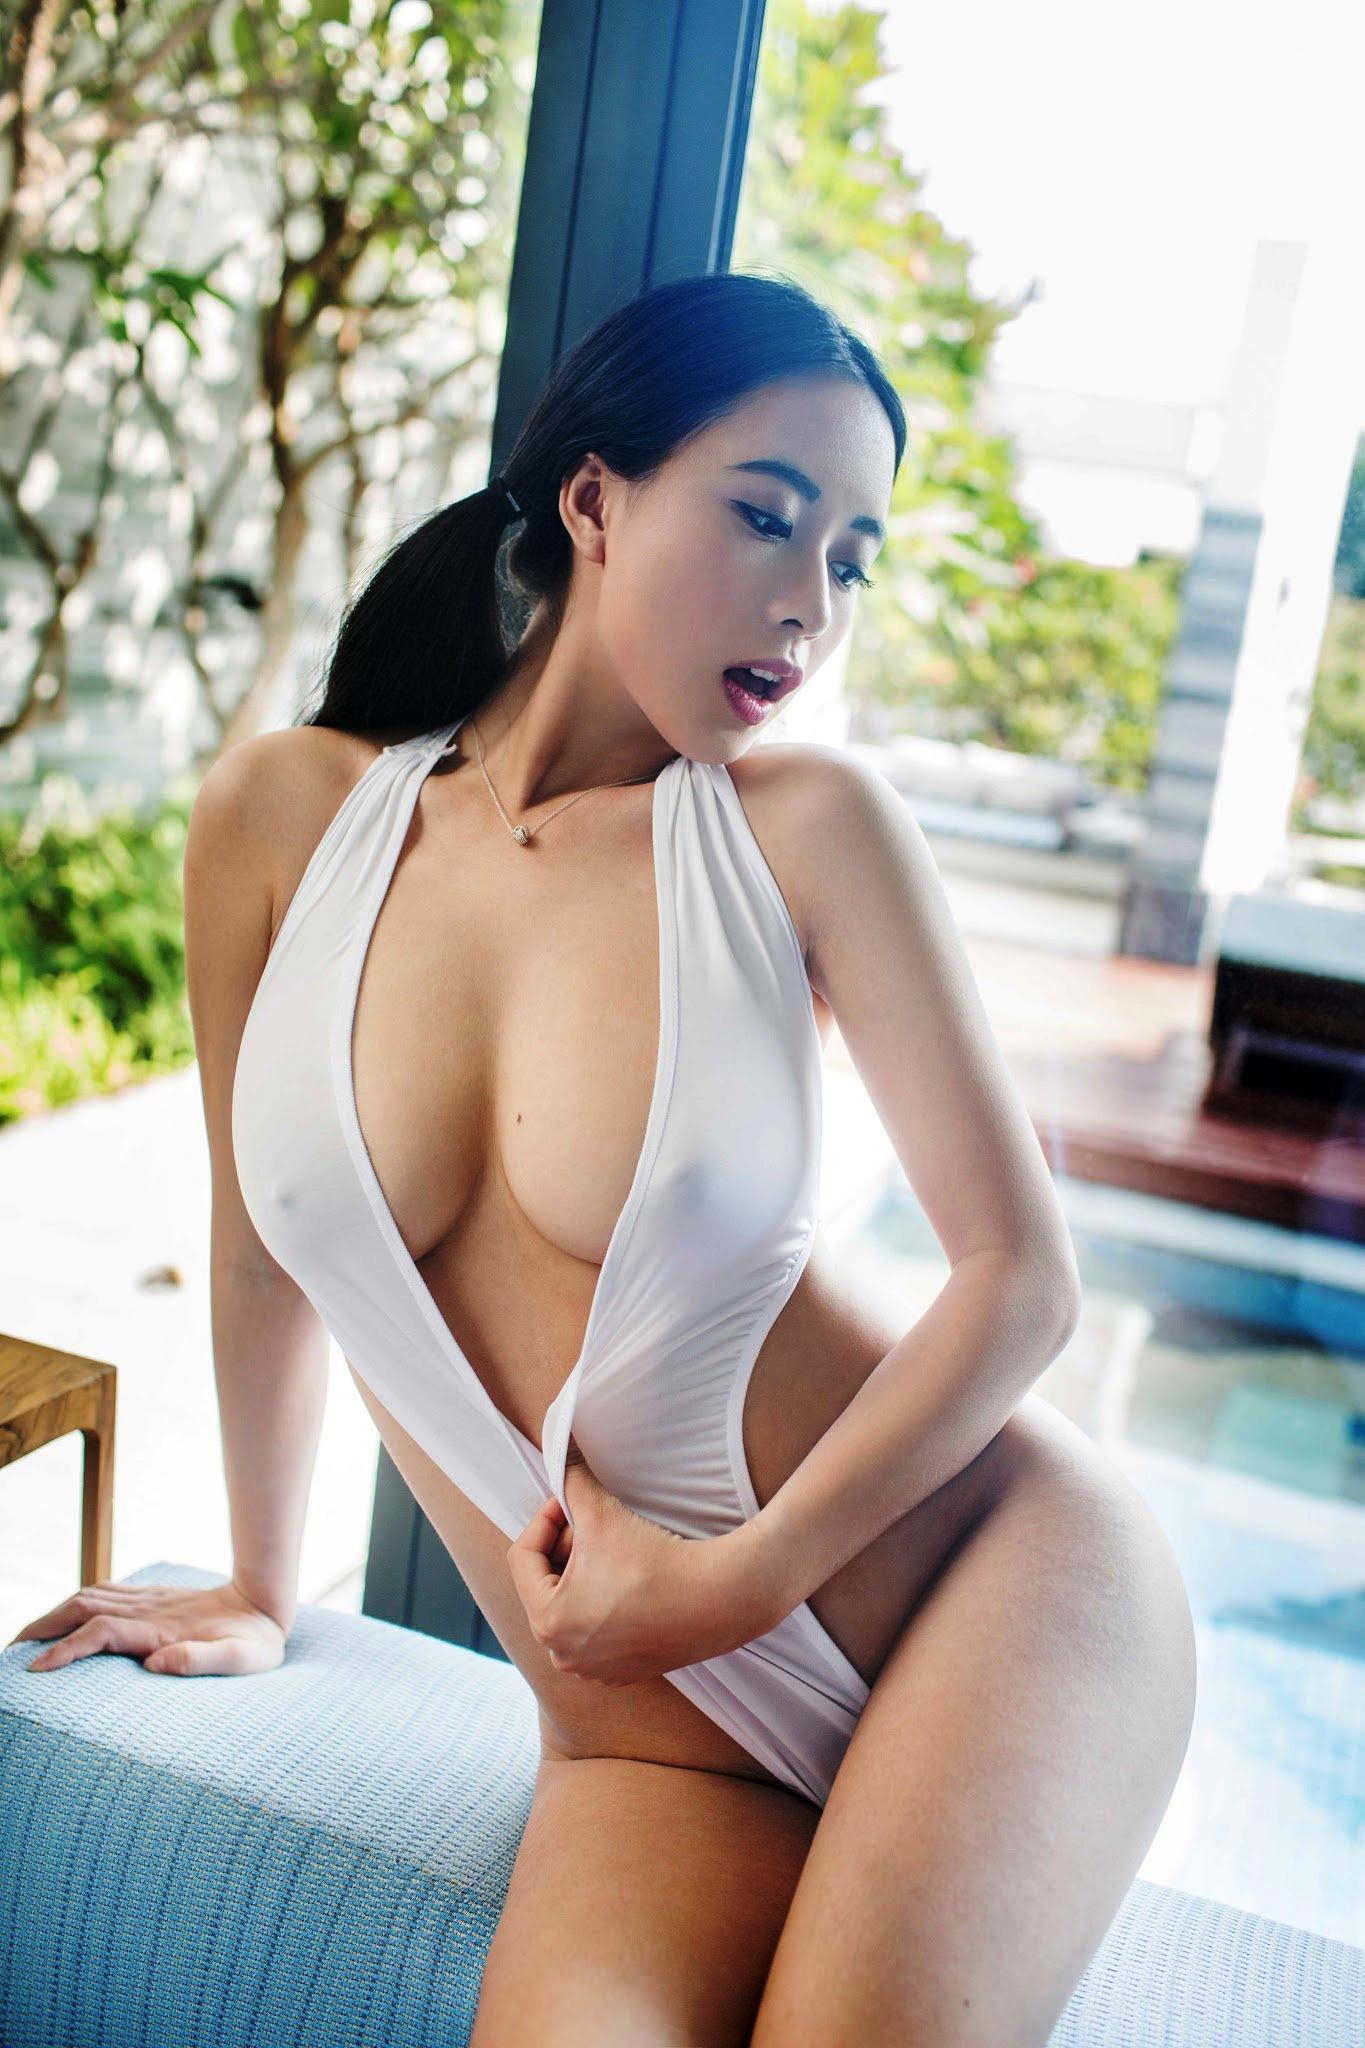 Hot long leg woman nude